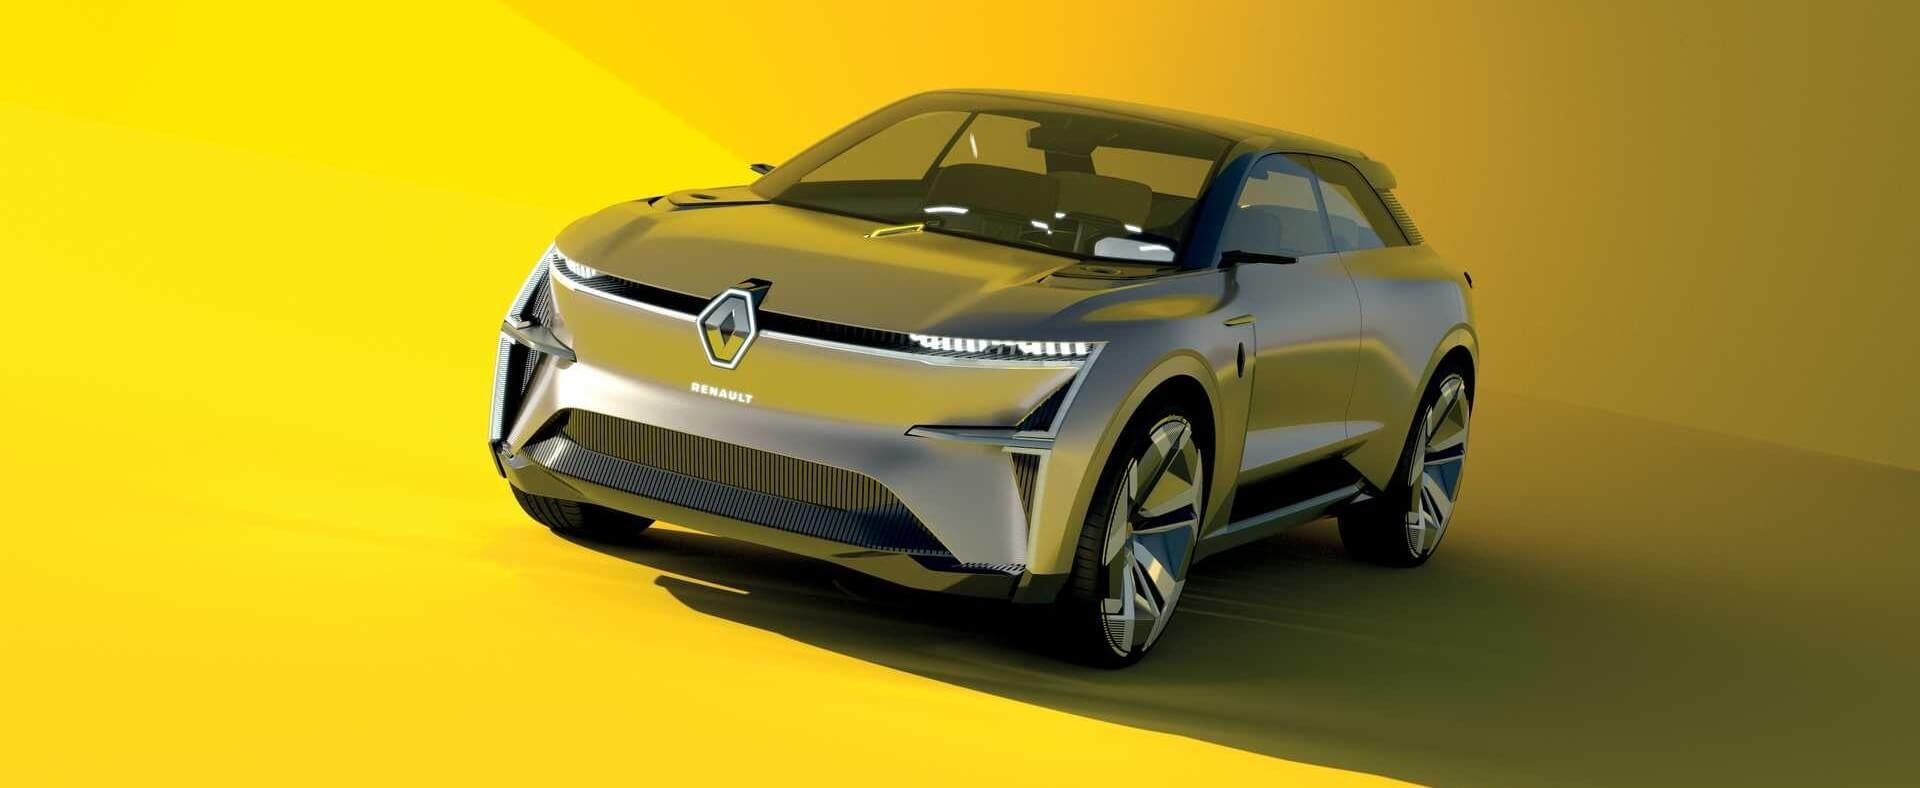 Renault, Рено, Ренаулт, Самые покупаемые автомобили в Covid-19, ТОП авто, Какие автомобили украинцы покупают чаще всего на карантине